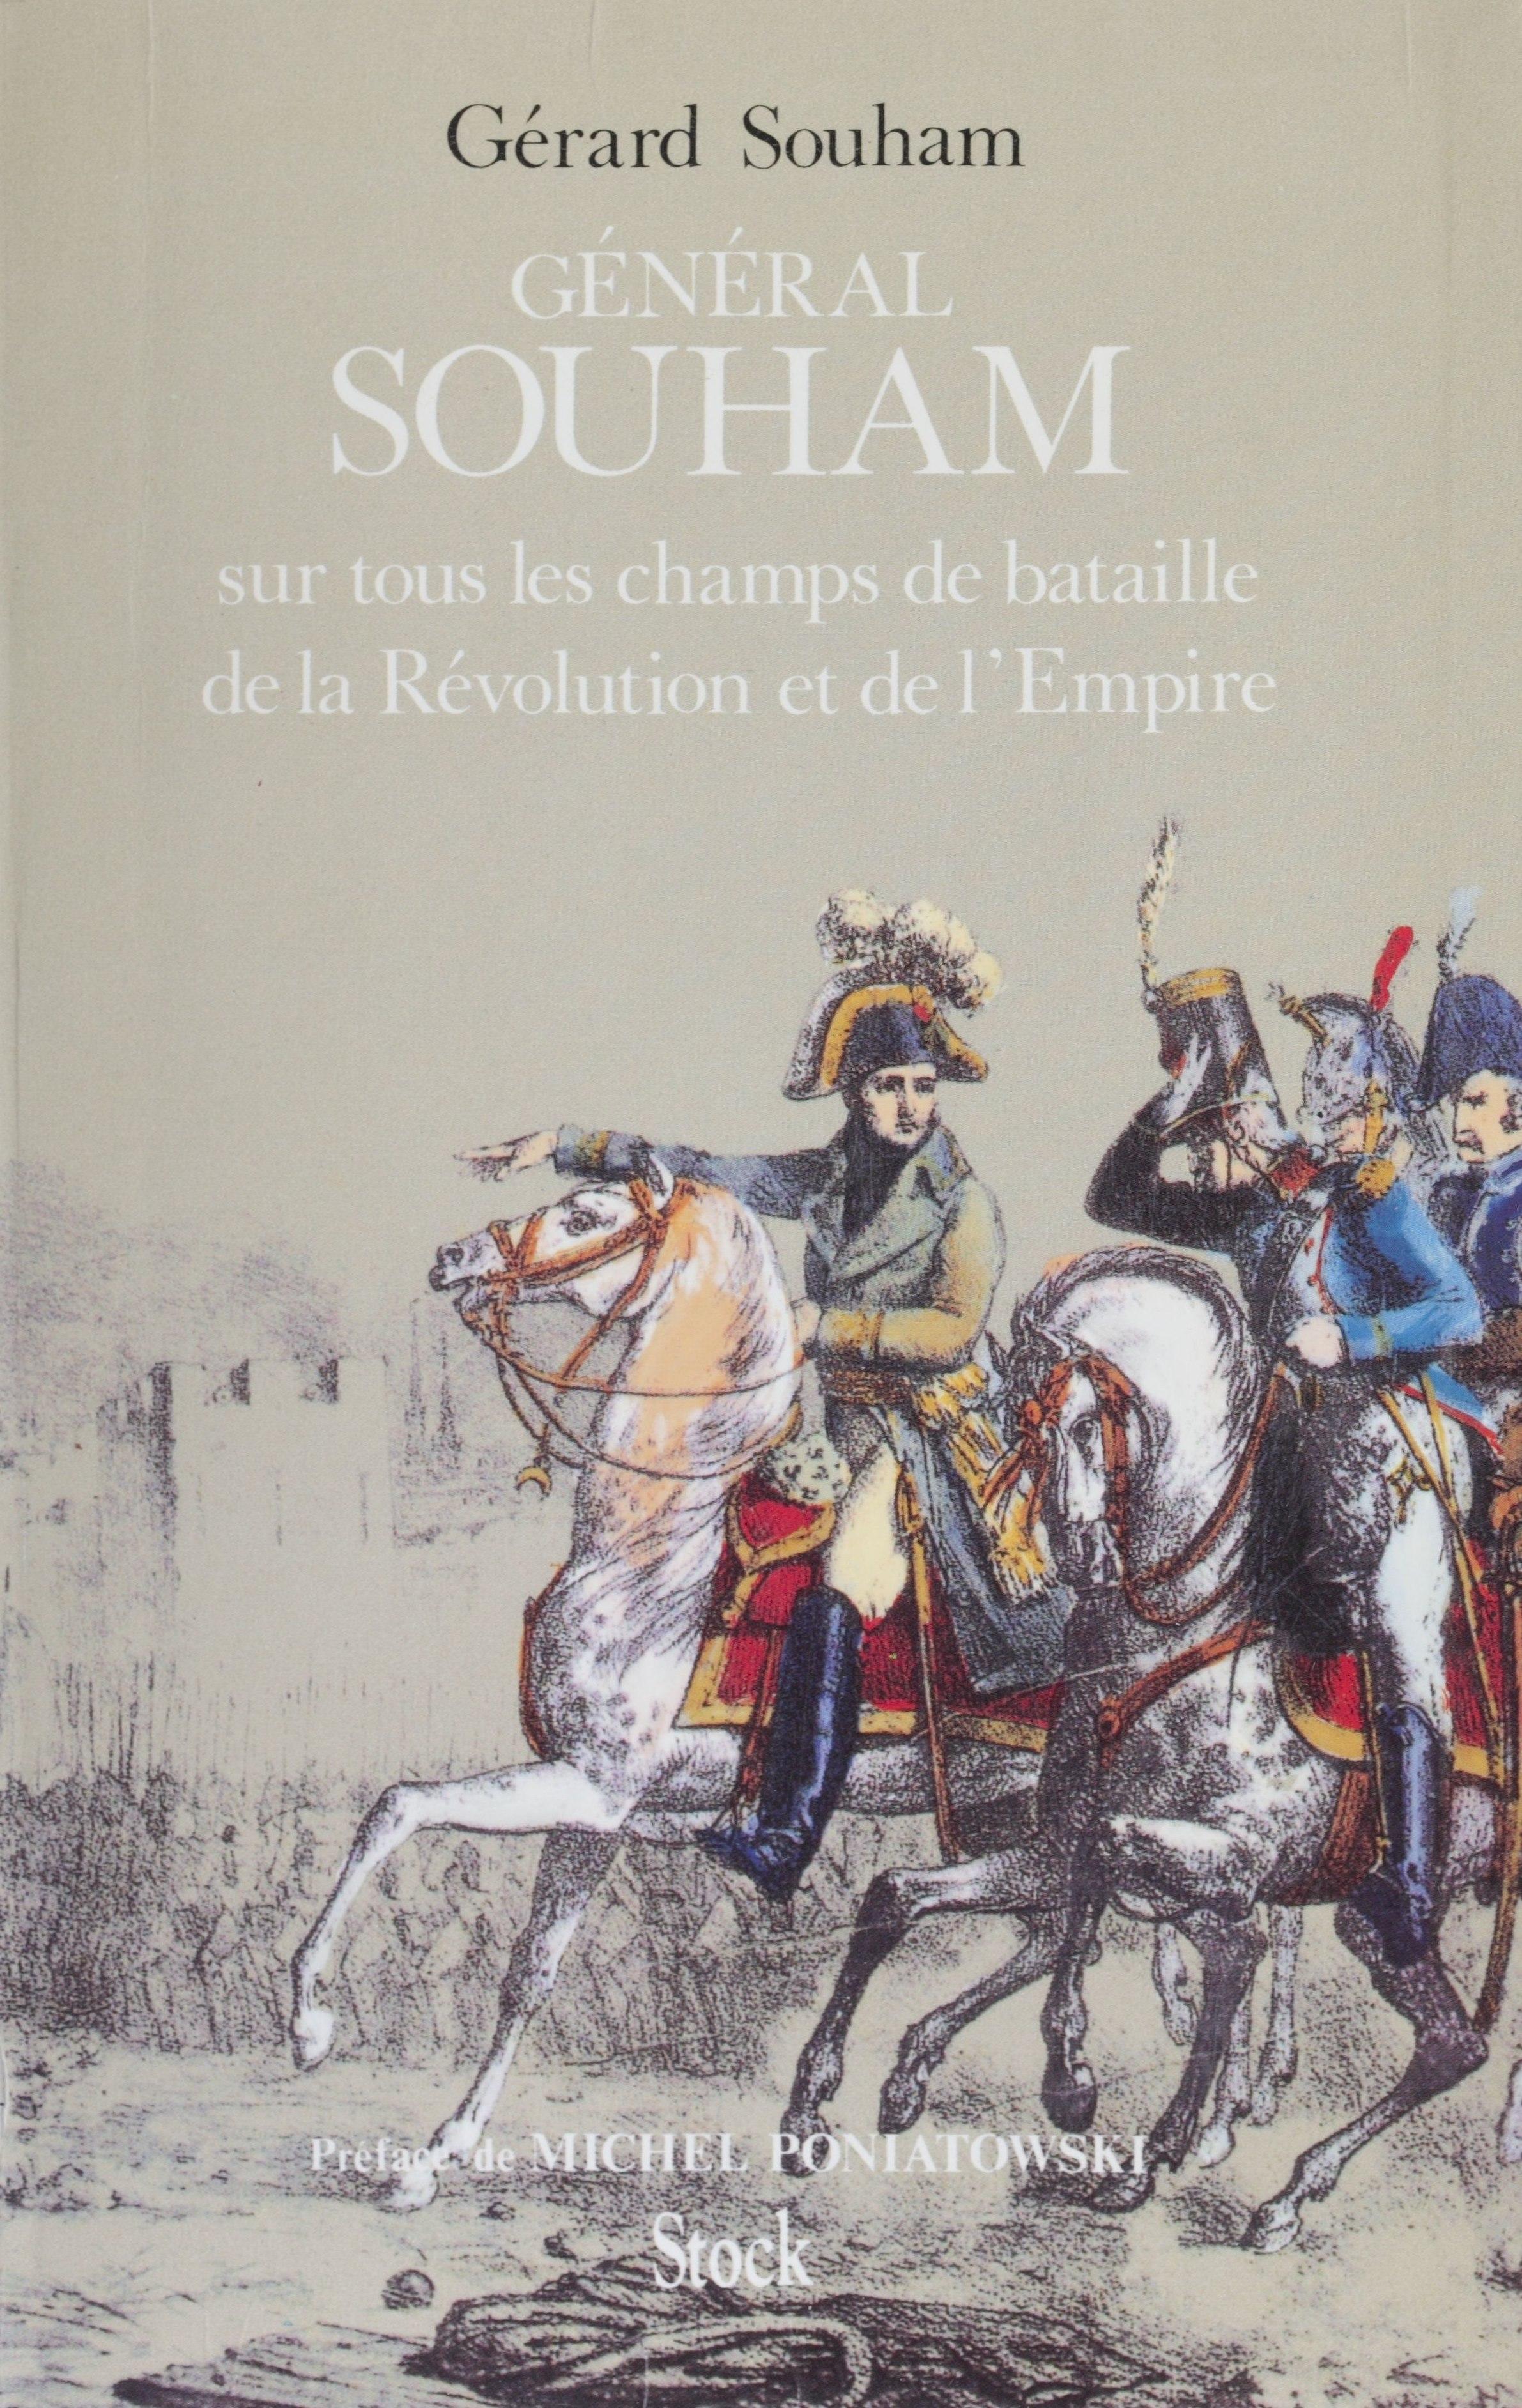 Le Général Souham sur tous les champs de bataille de la Révolution et de l'Empire